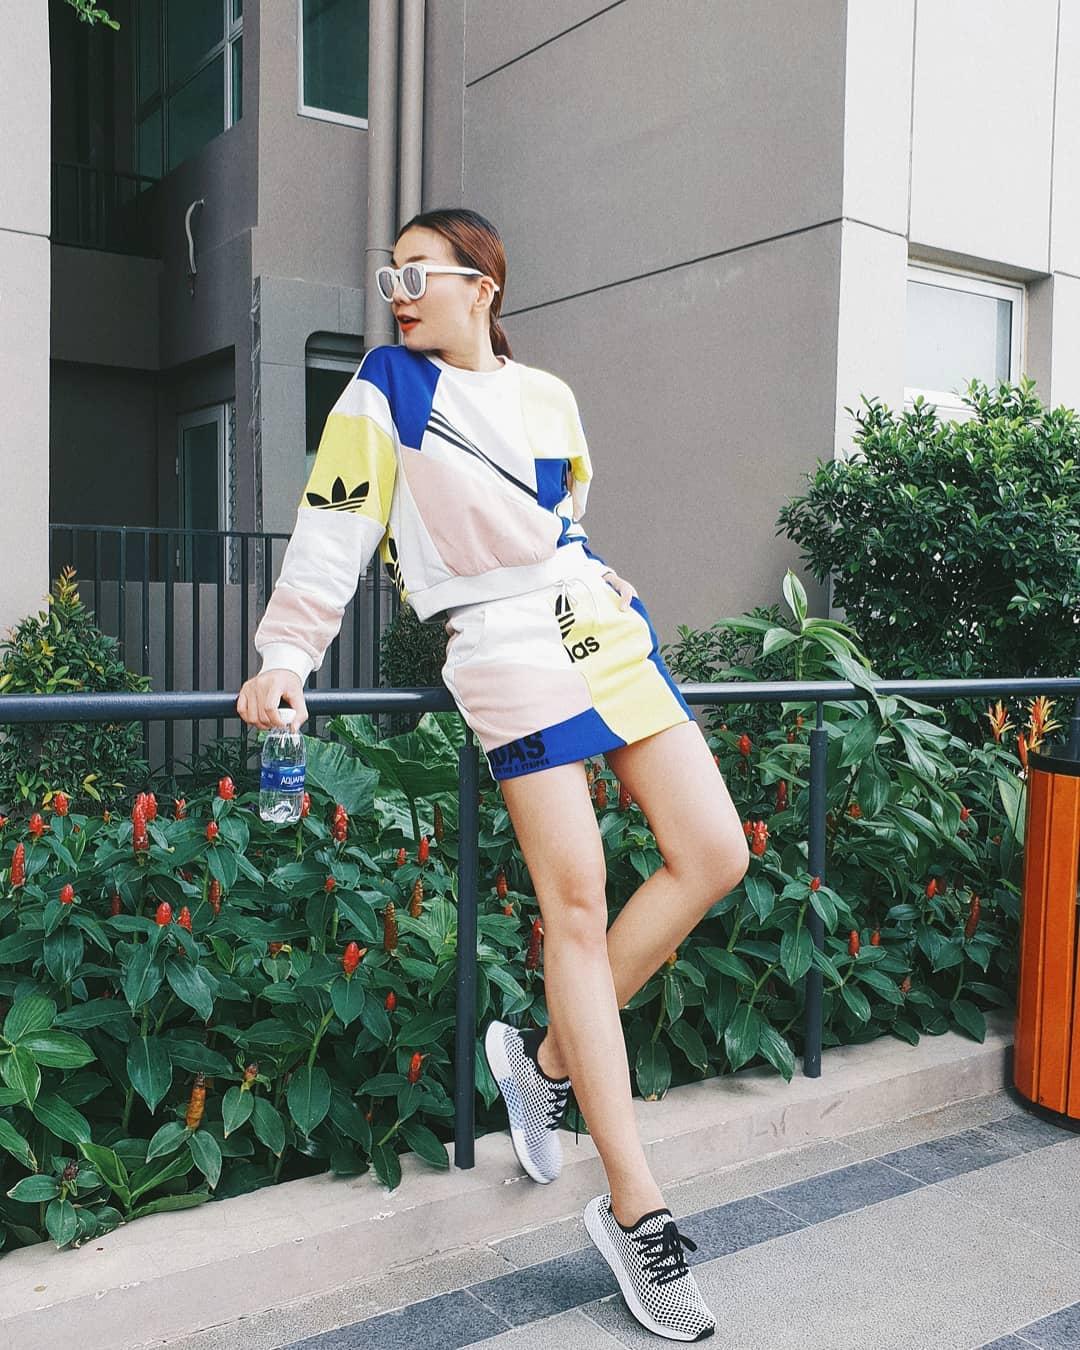 Ngoài Bích Phương, showbiz Việt còn những đôi chân 'cực phẩm' nhìn là mê - Ảnh 19